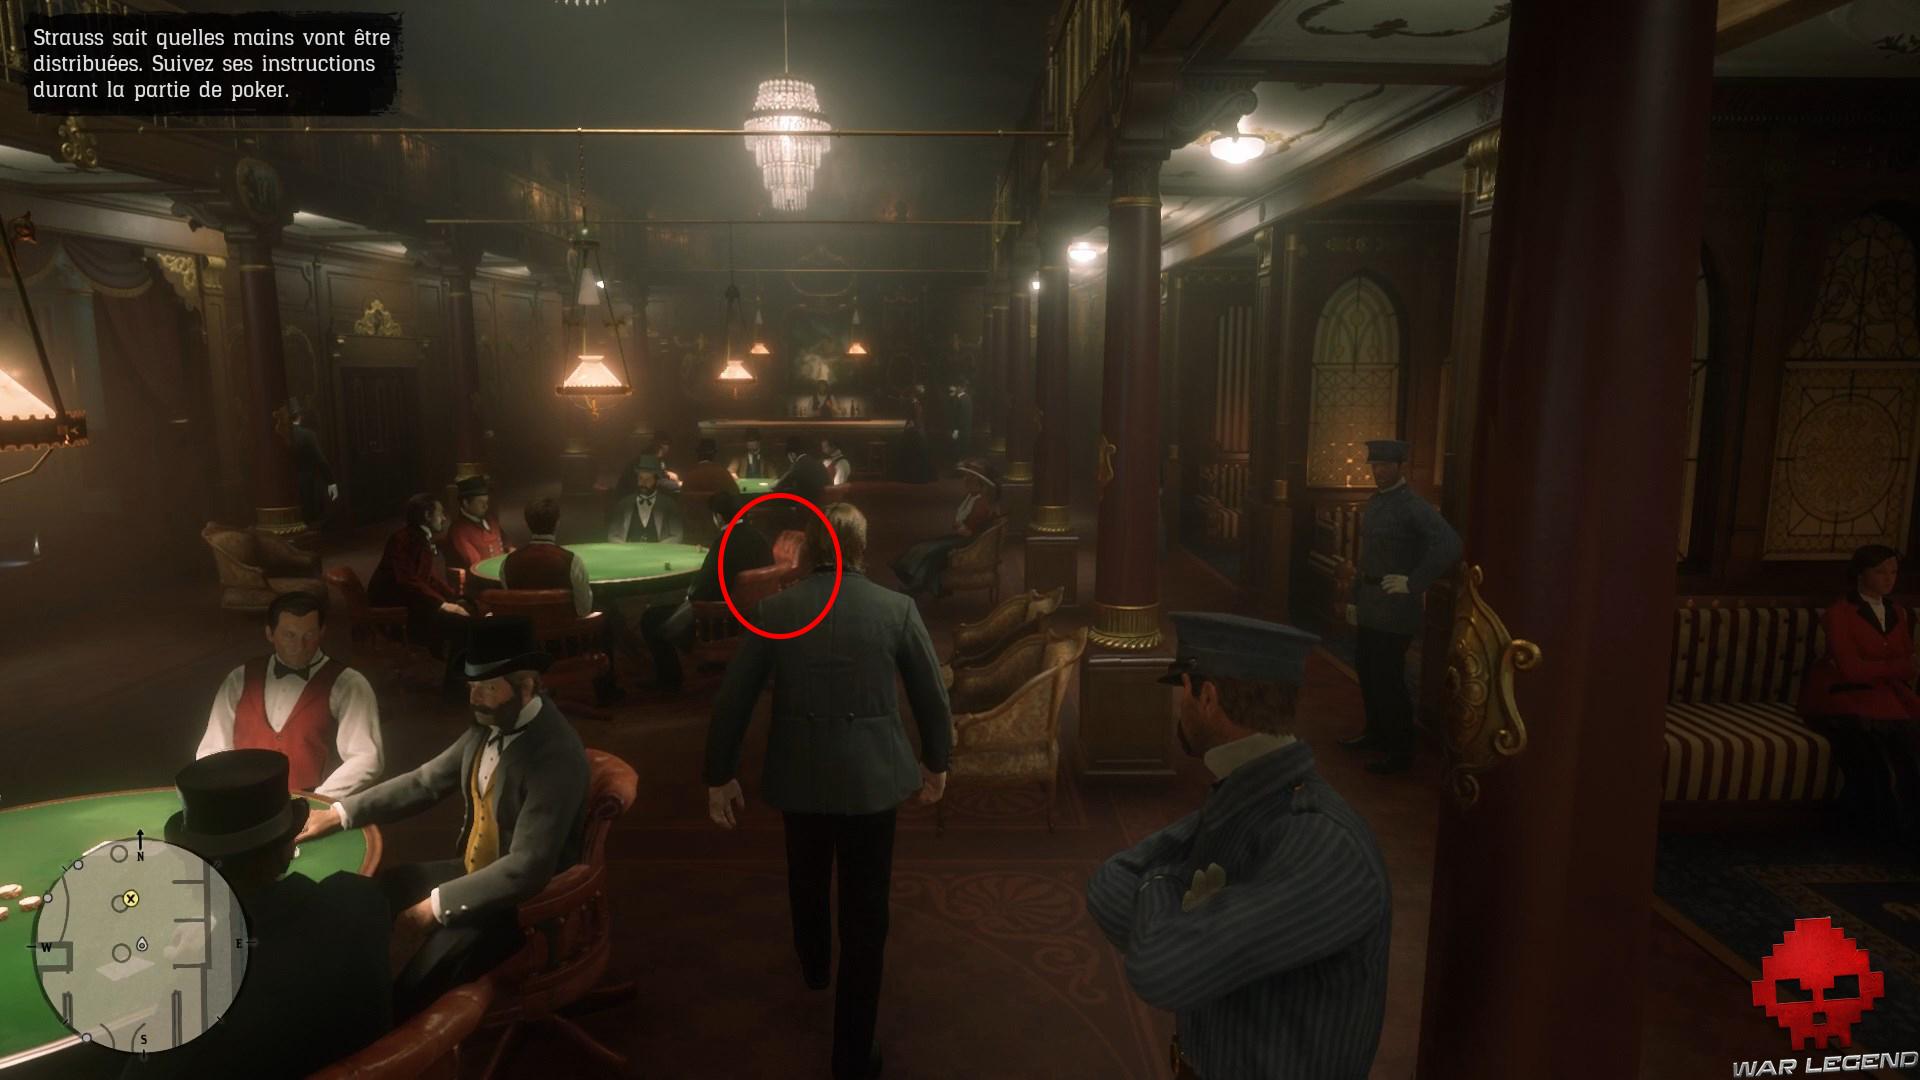 soluce red dead redemption 2 une longue nuit de déabuche salle de poker